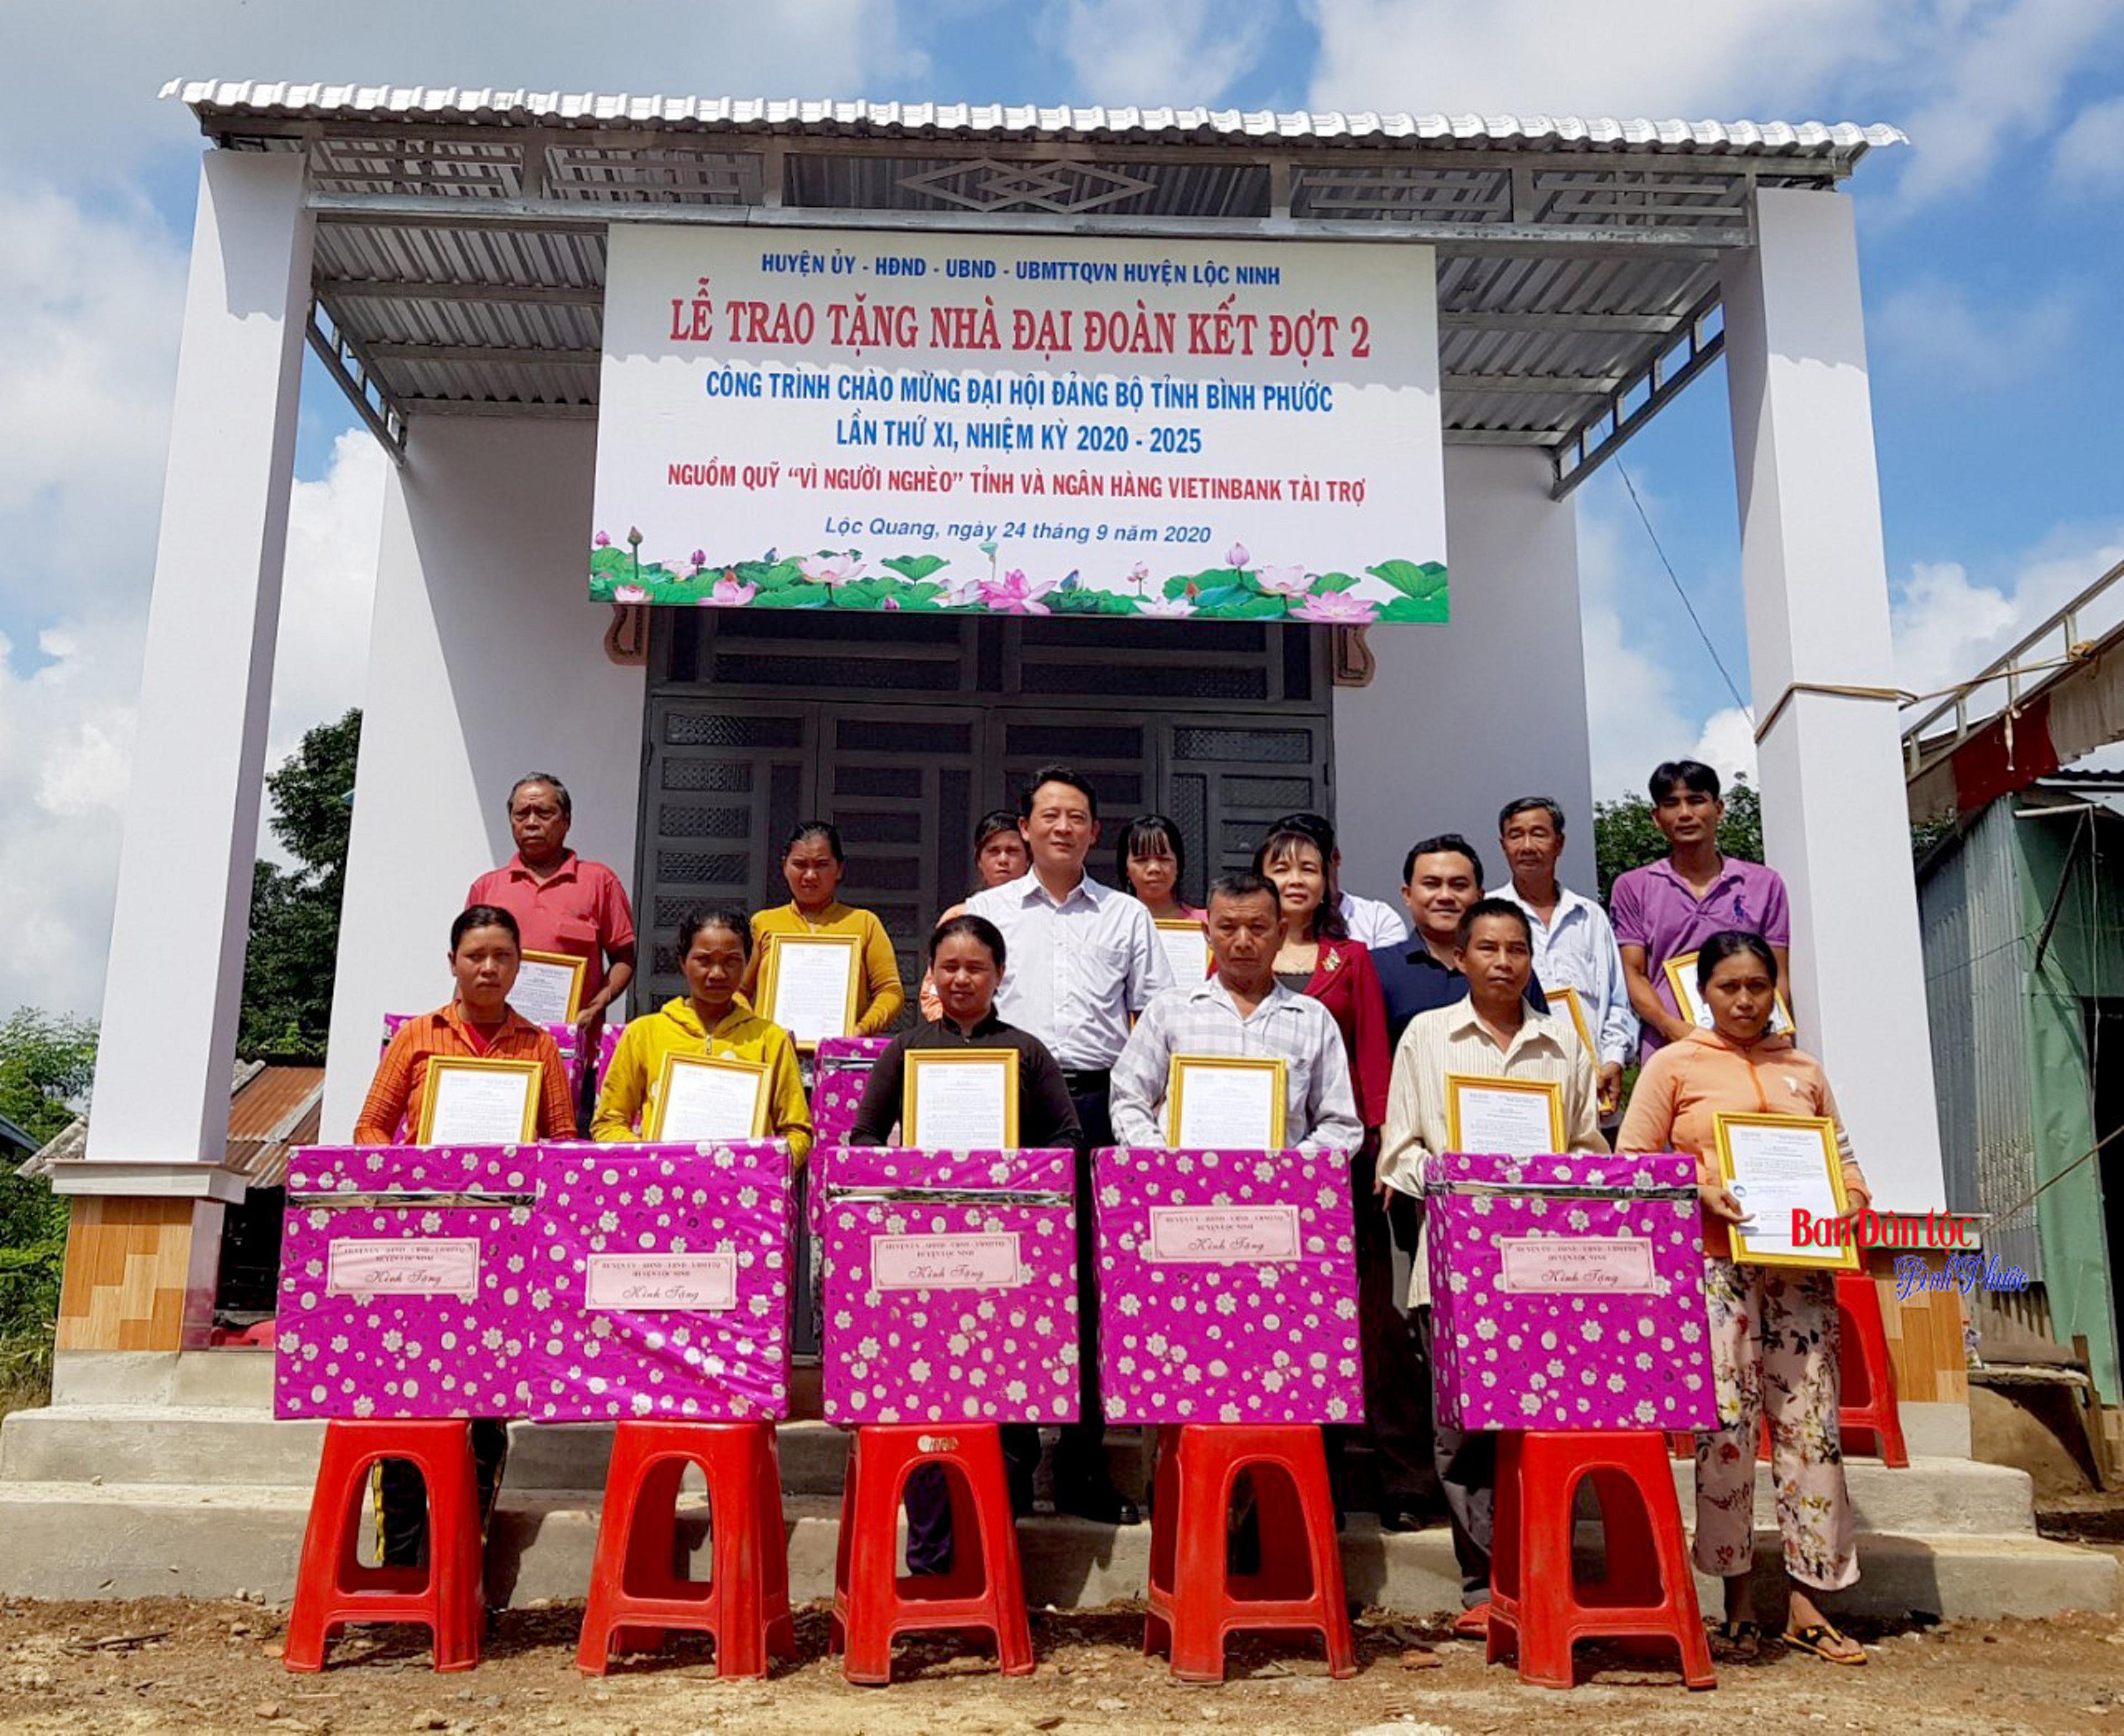 Ban Dân tộc tỉnh Bình Phước trao nhà ở Đại đoàn kết và tặng quà cho bà con đồng bào DTTS vùng biên sâu biên giới huyện Lộc Ninh.